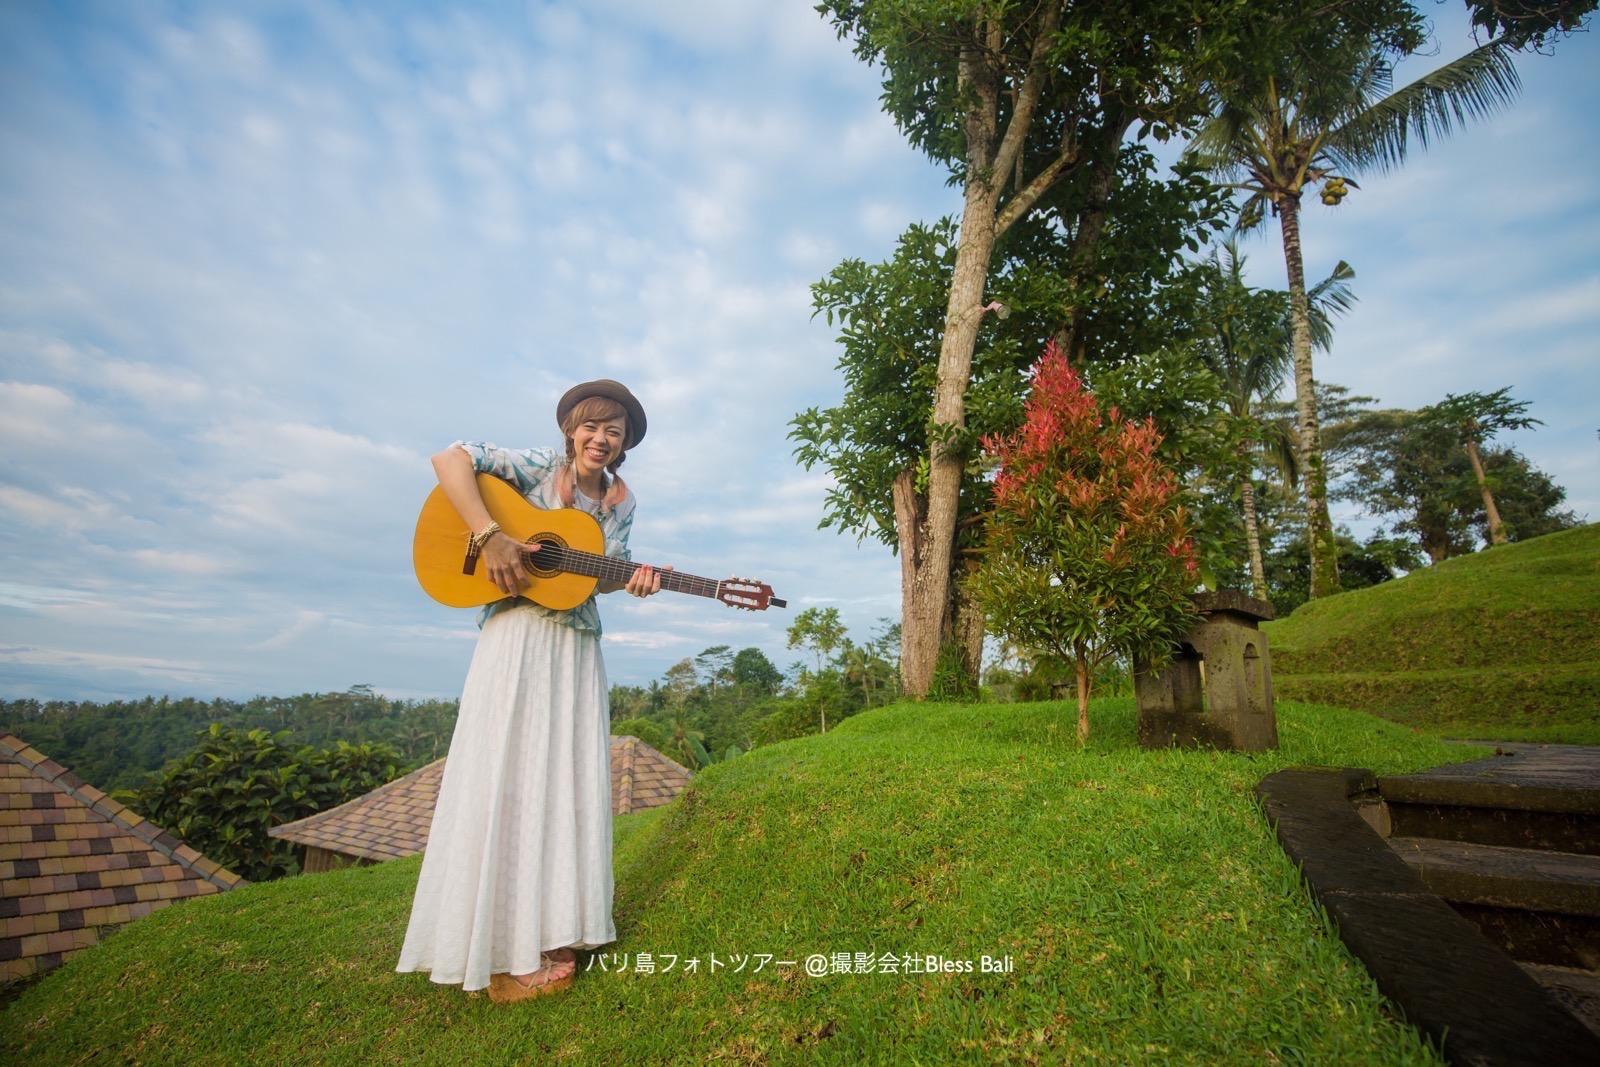 明るくなってきた空をバックにギターを演奏しながら歌っていただきました